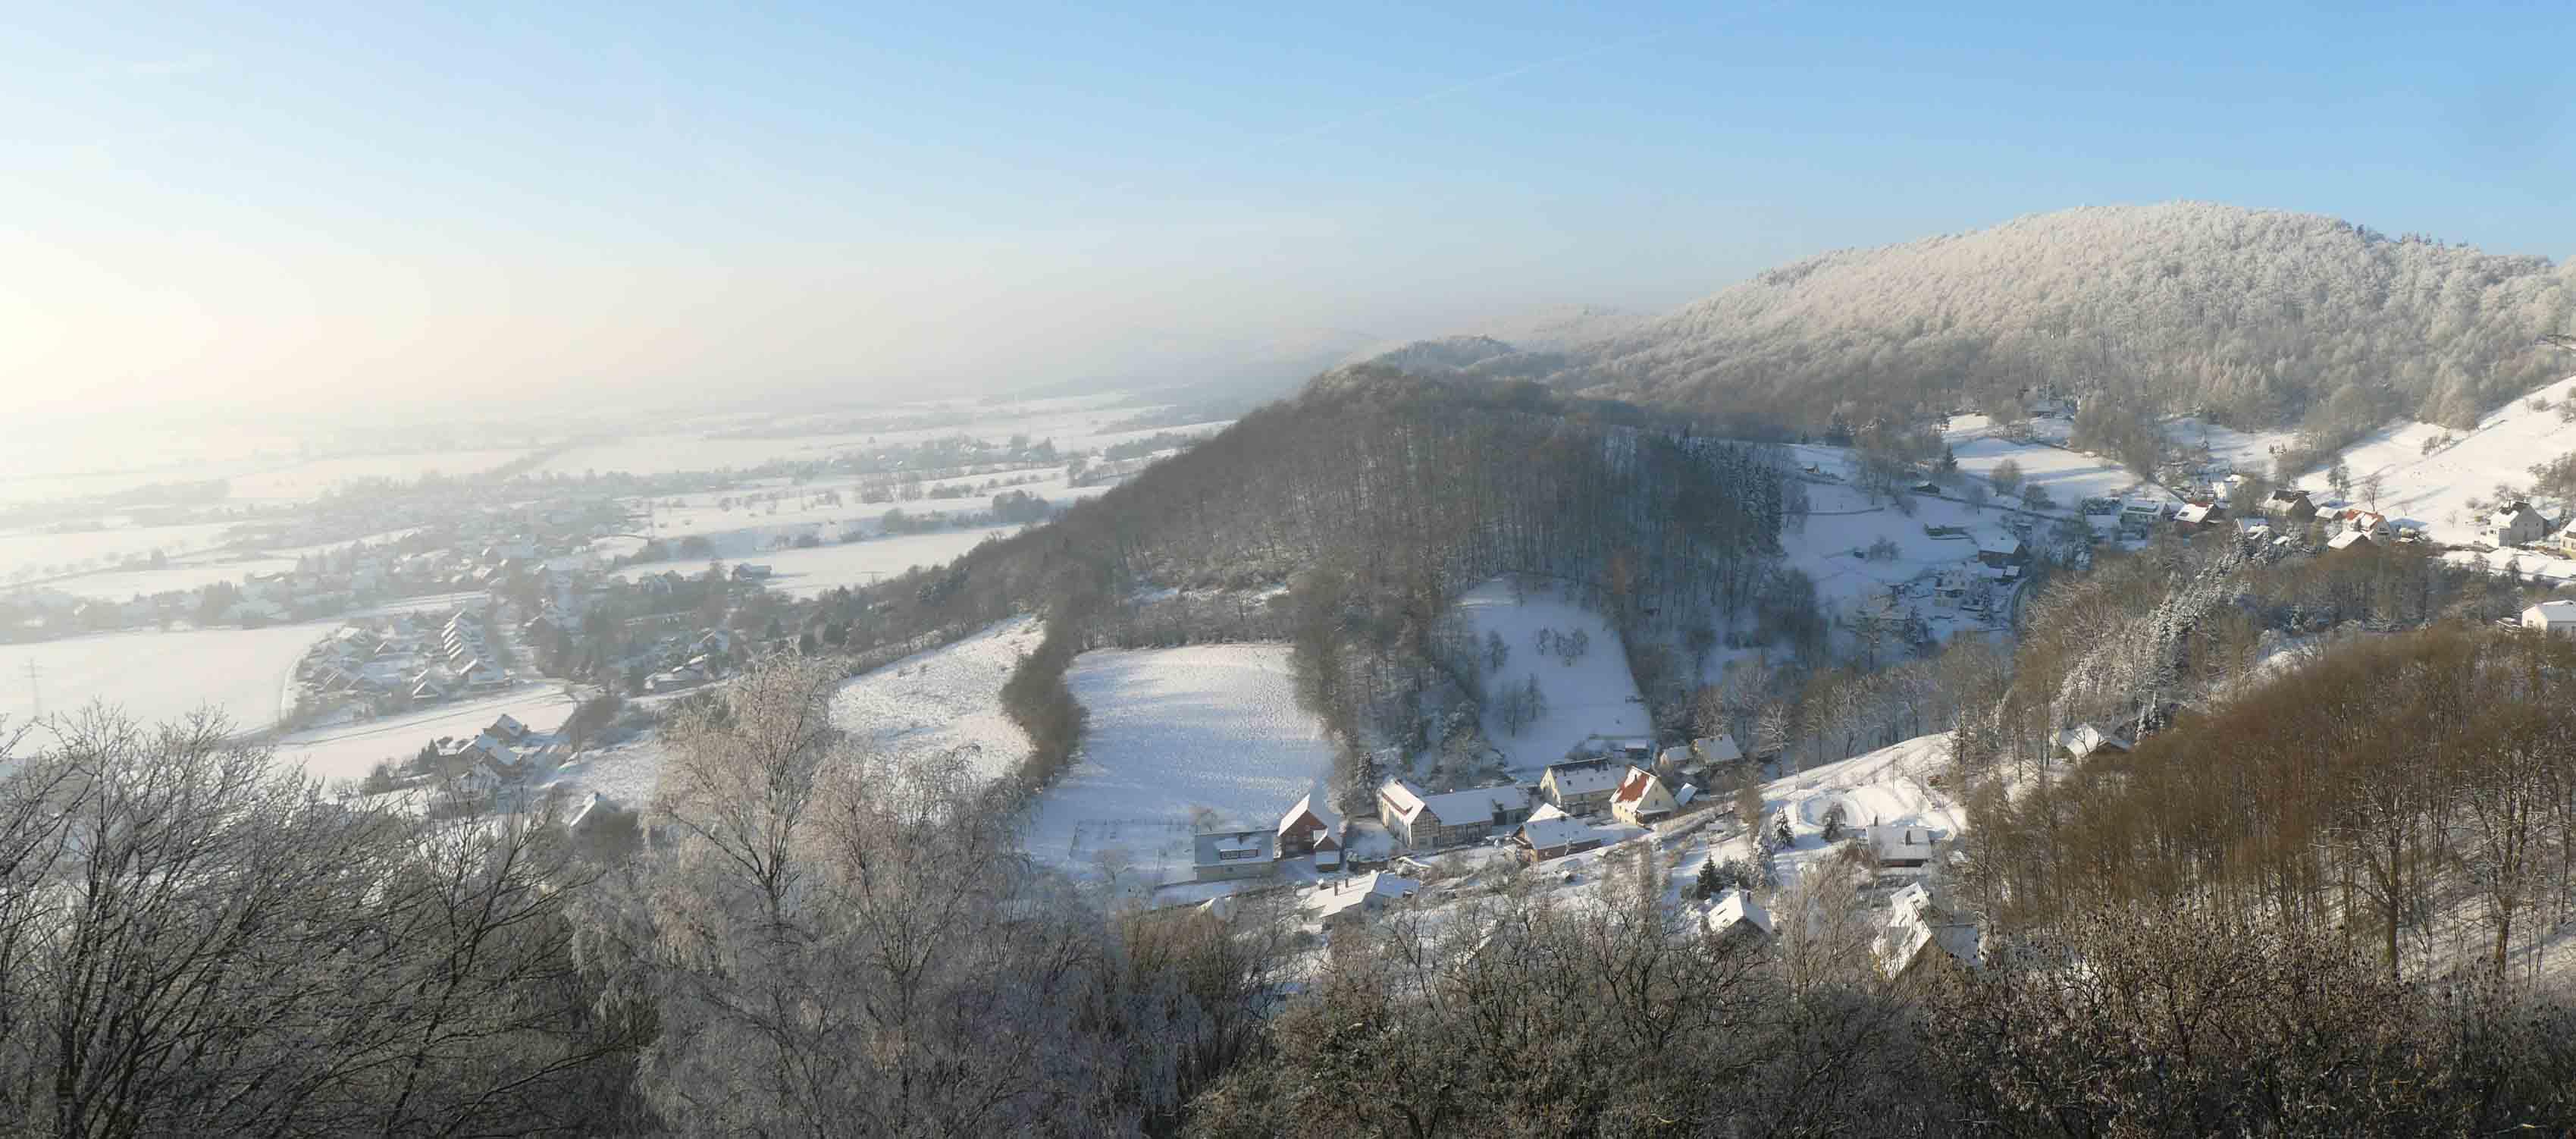 Blick von der Schaumburg auf Rosenthal im Winter